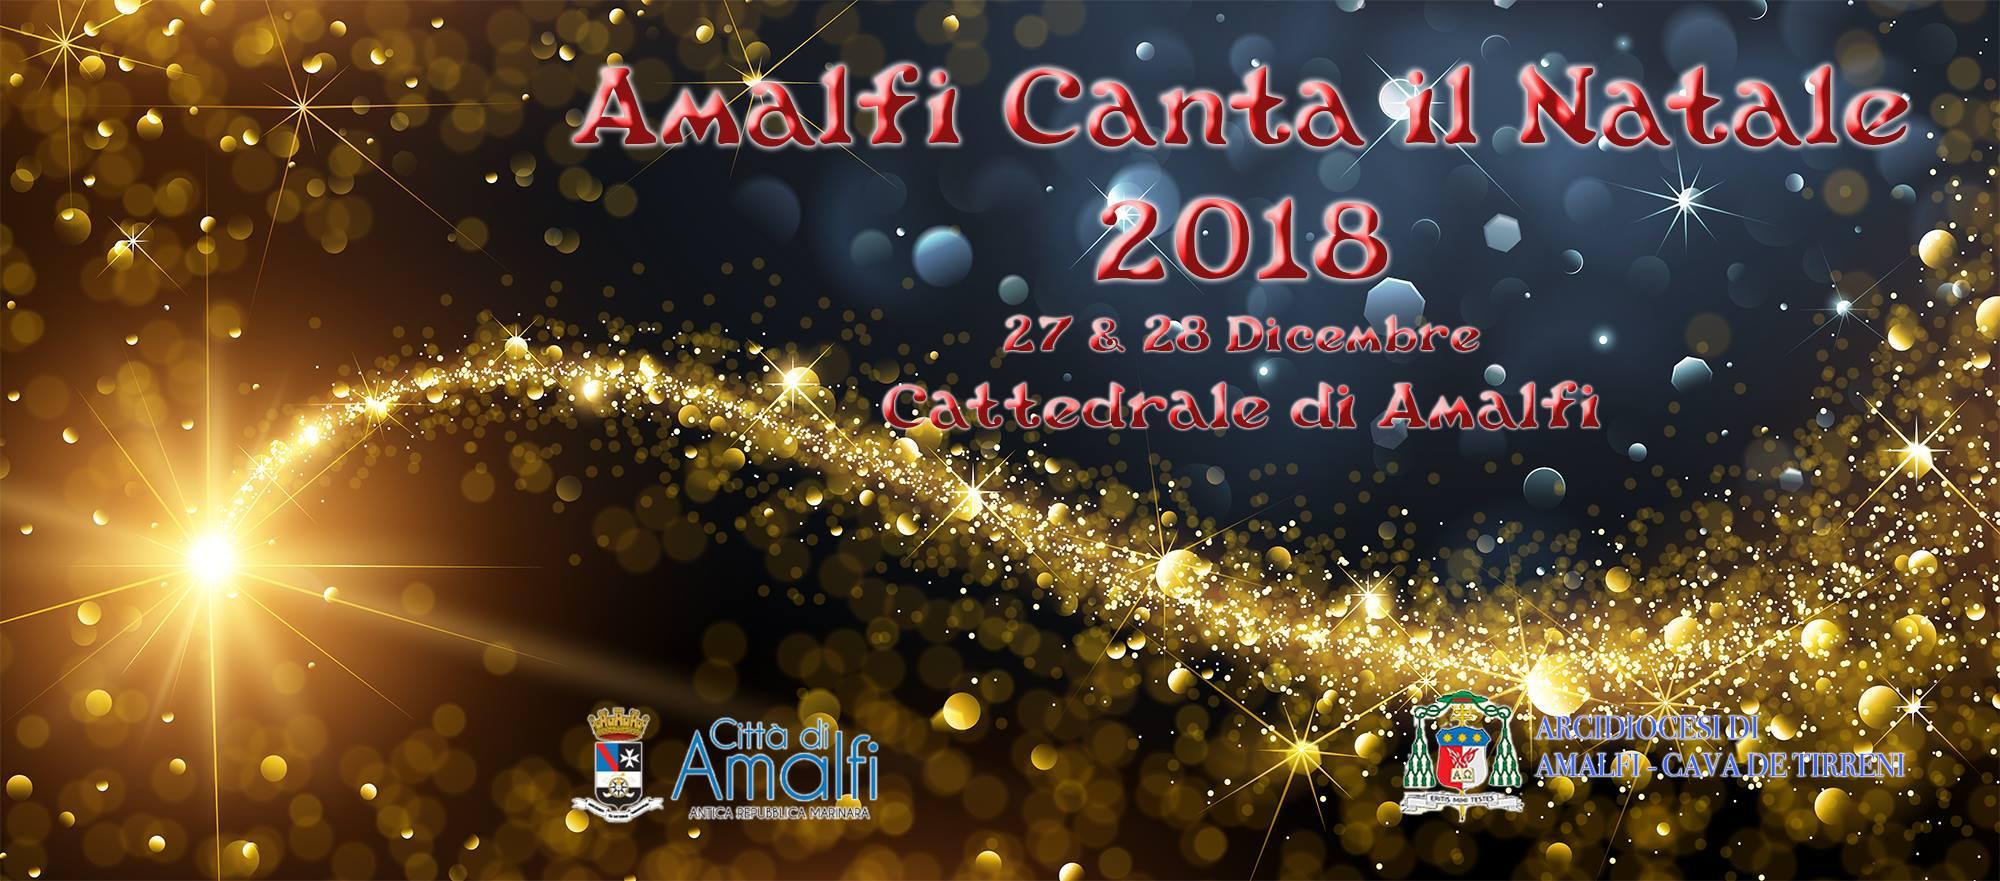 Amalfi Canta il Natale 2018